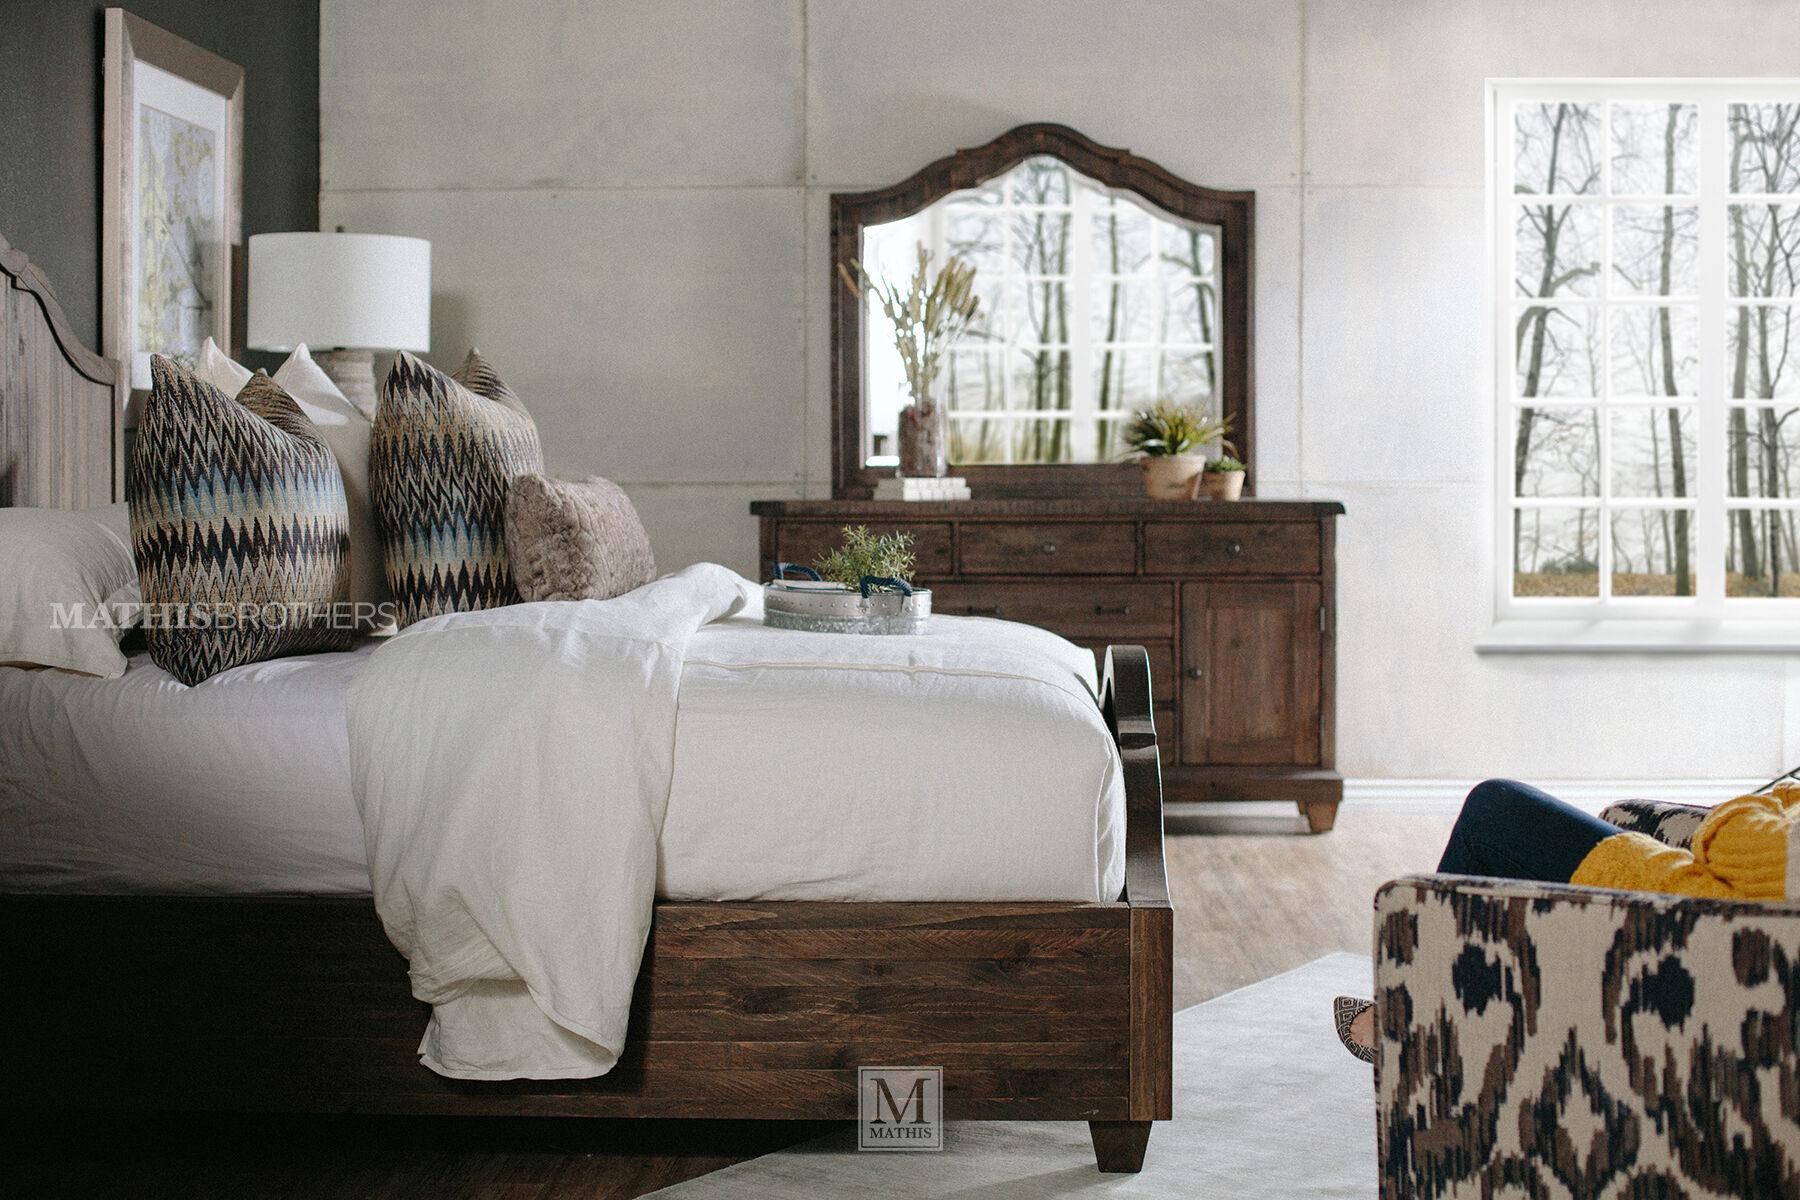 Magnussen Home Brenley Queen Bedroom Suite Magnussen Home Brenley Queen  Bedroom Suite